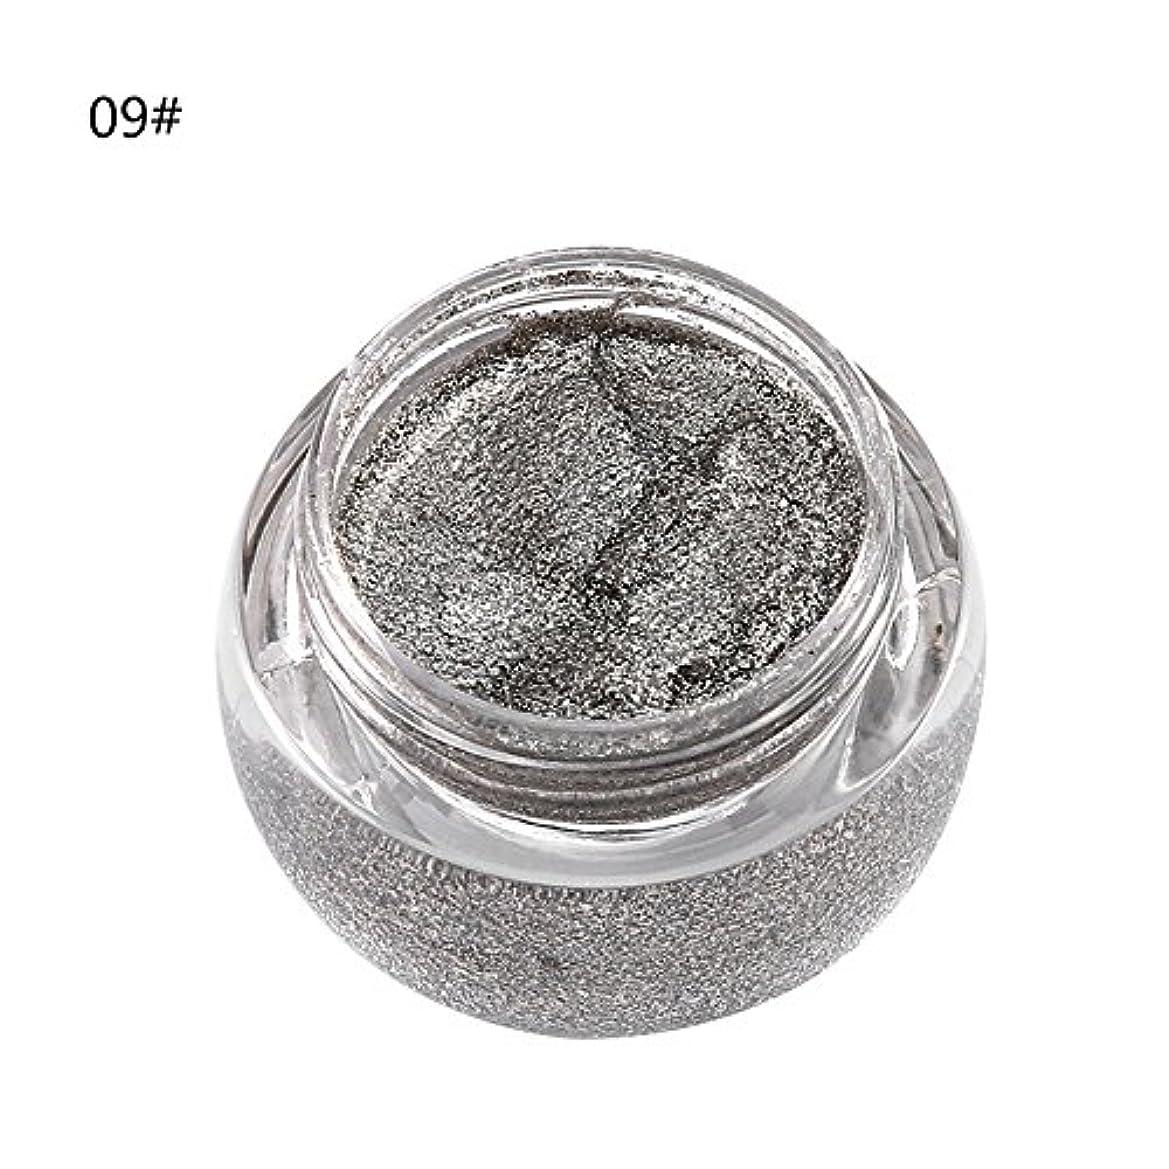 ペデスタル手錠ゴネリルアイシャドウ 単色 化粧品 光沢 保湿 キラキラ 美しい タイプ 09